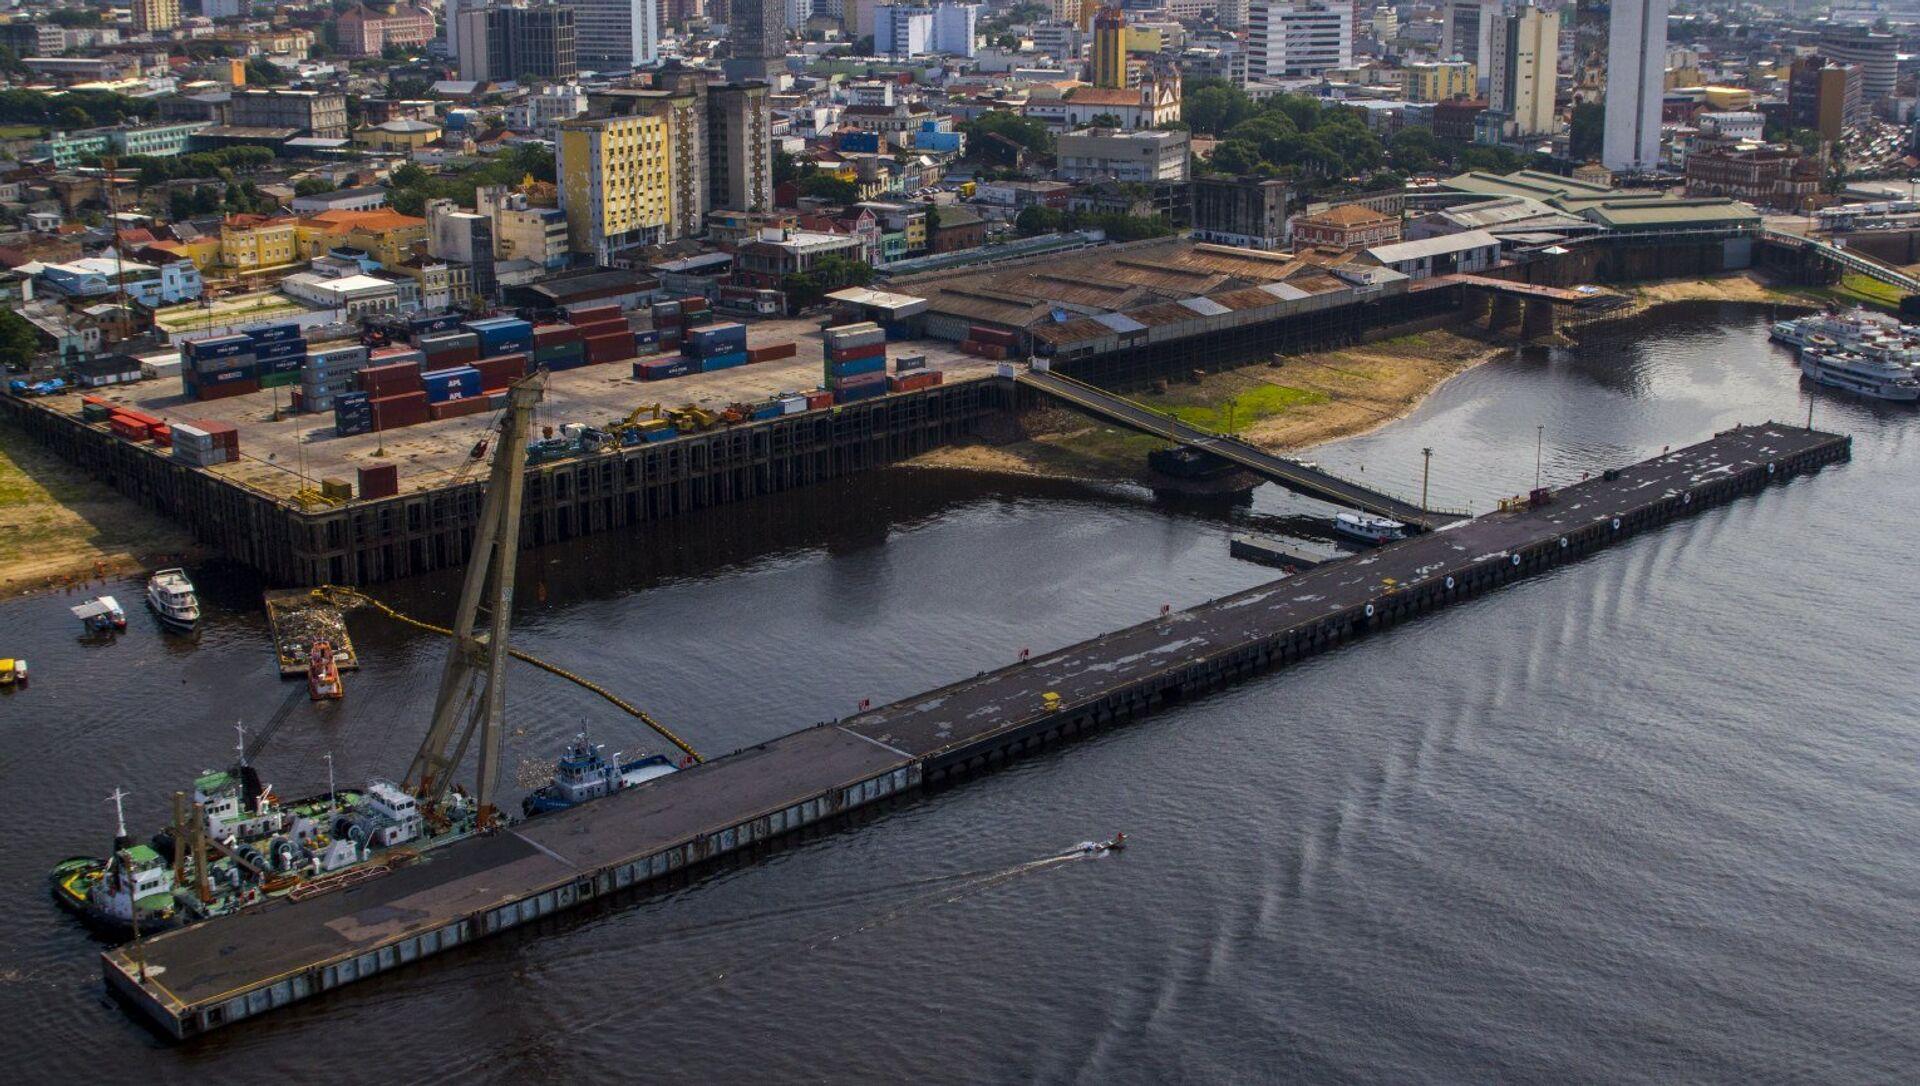 Puerto de Manaos, Brasil, sobre el río Amazonas - Sputnik Mundo, 1920, 10.01.2018